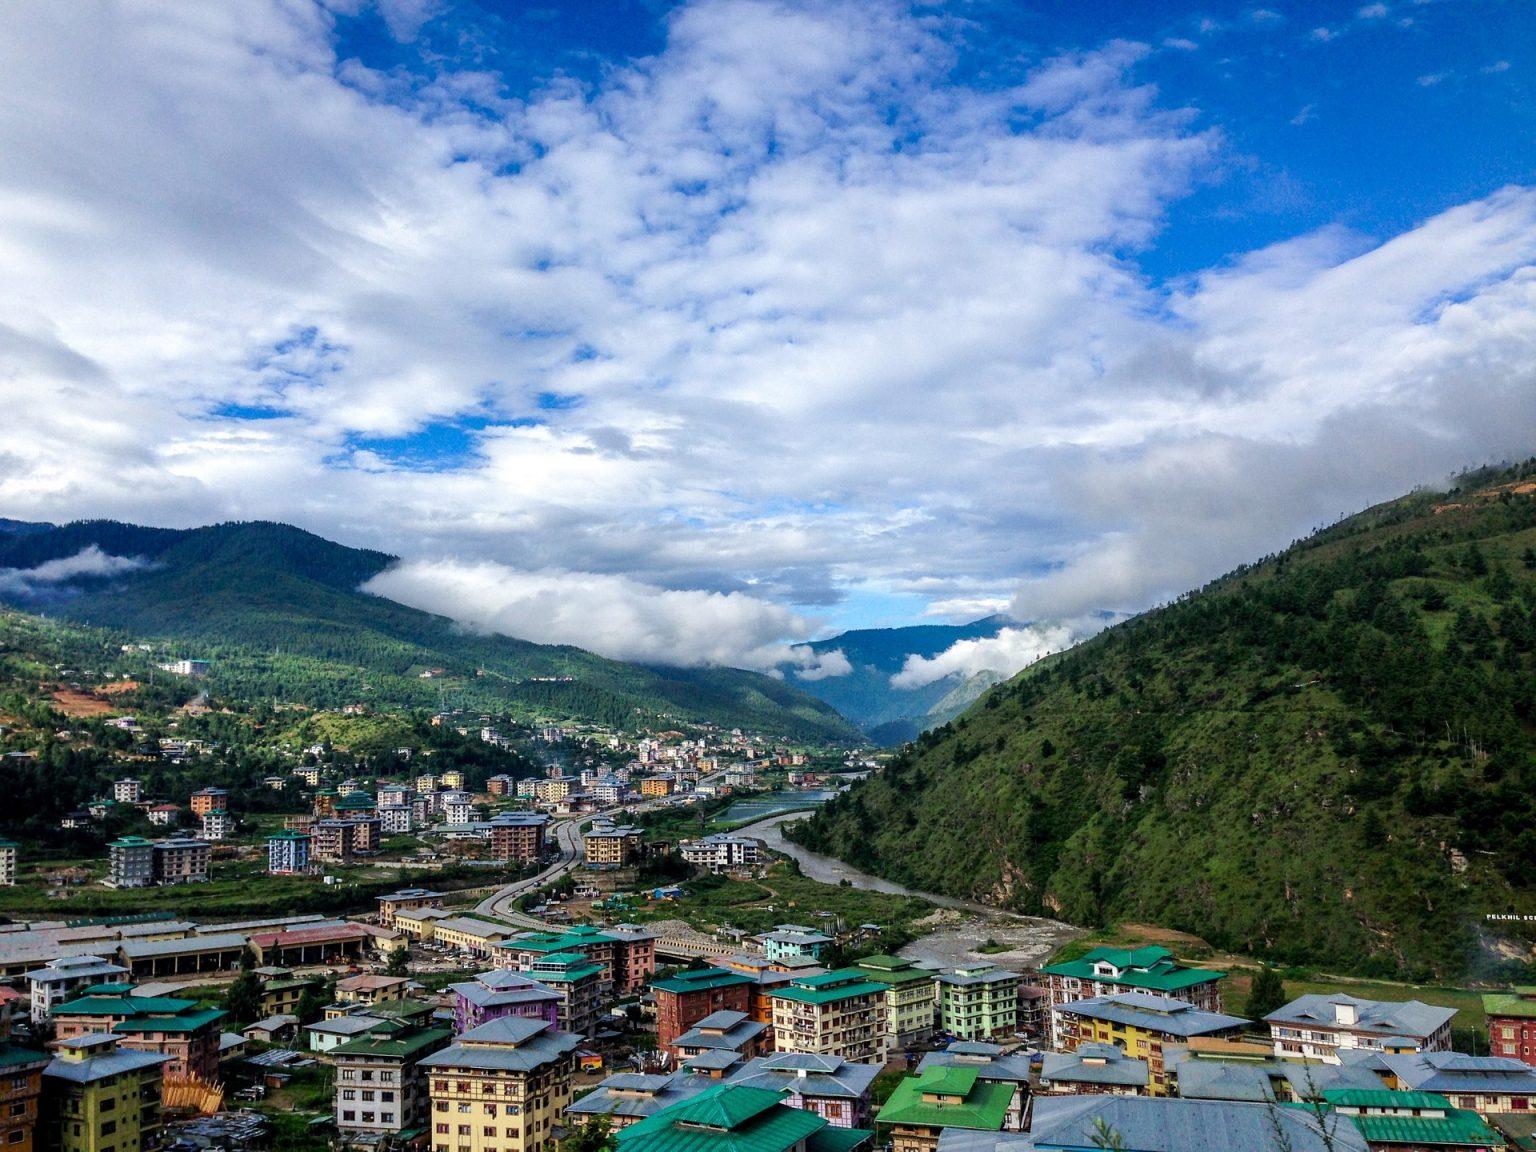 bhutan-2211514_1920